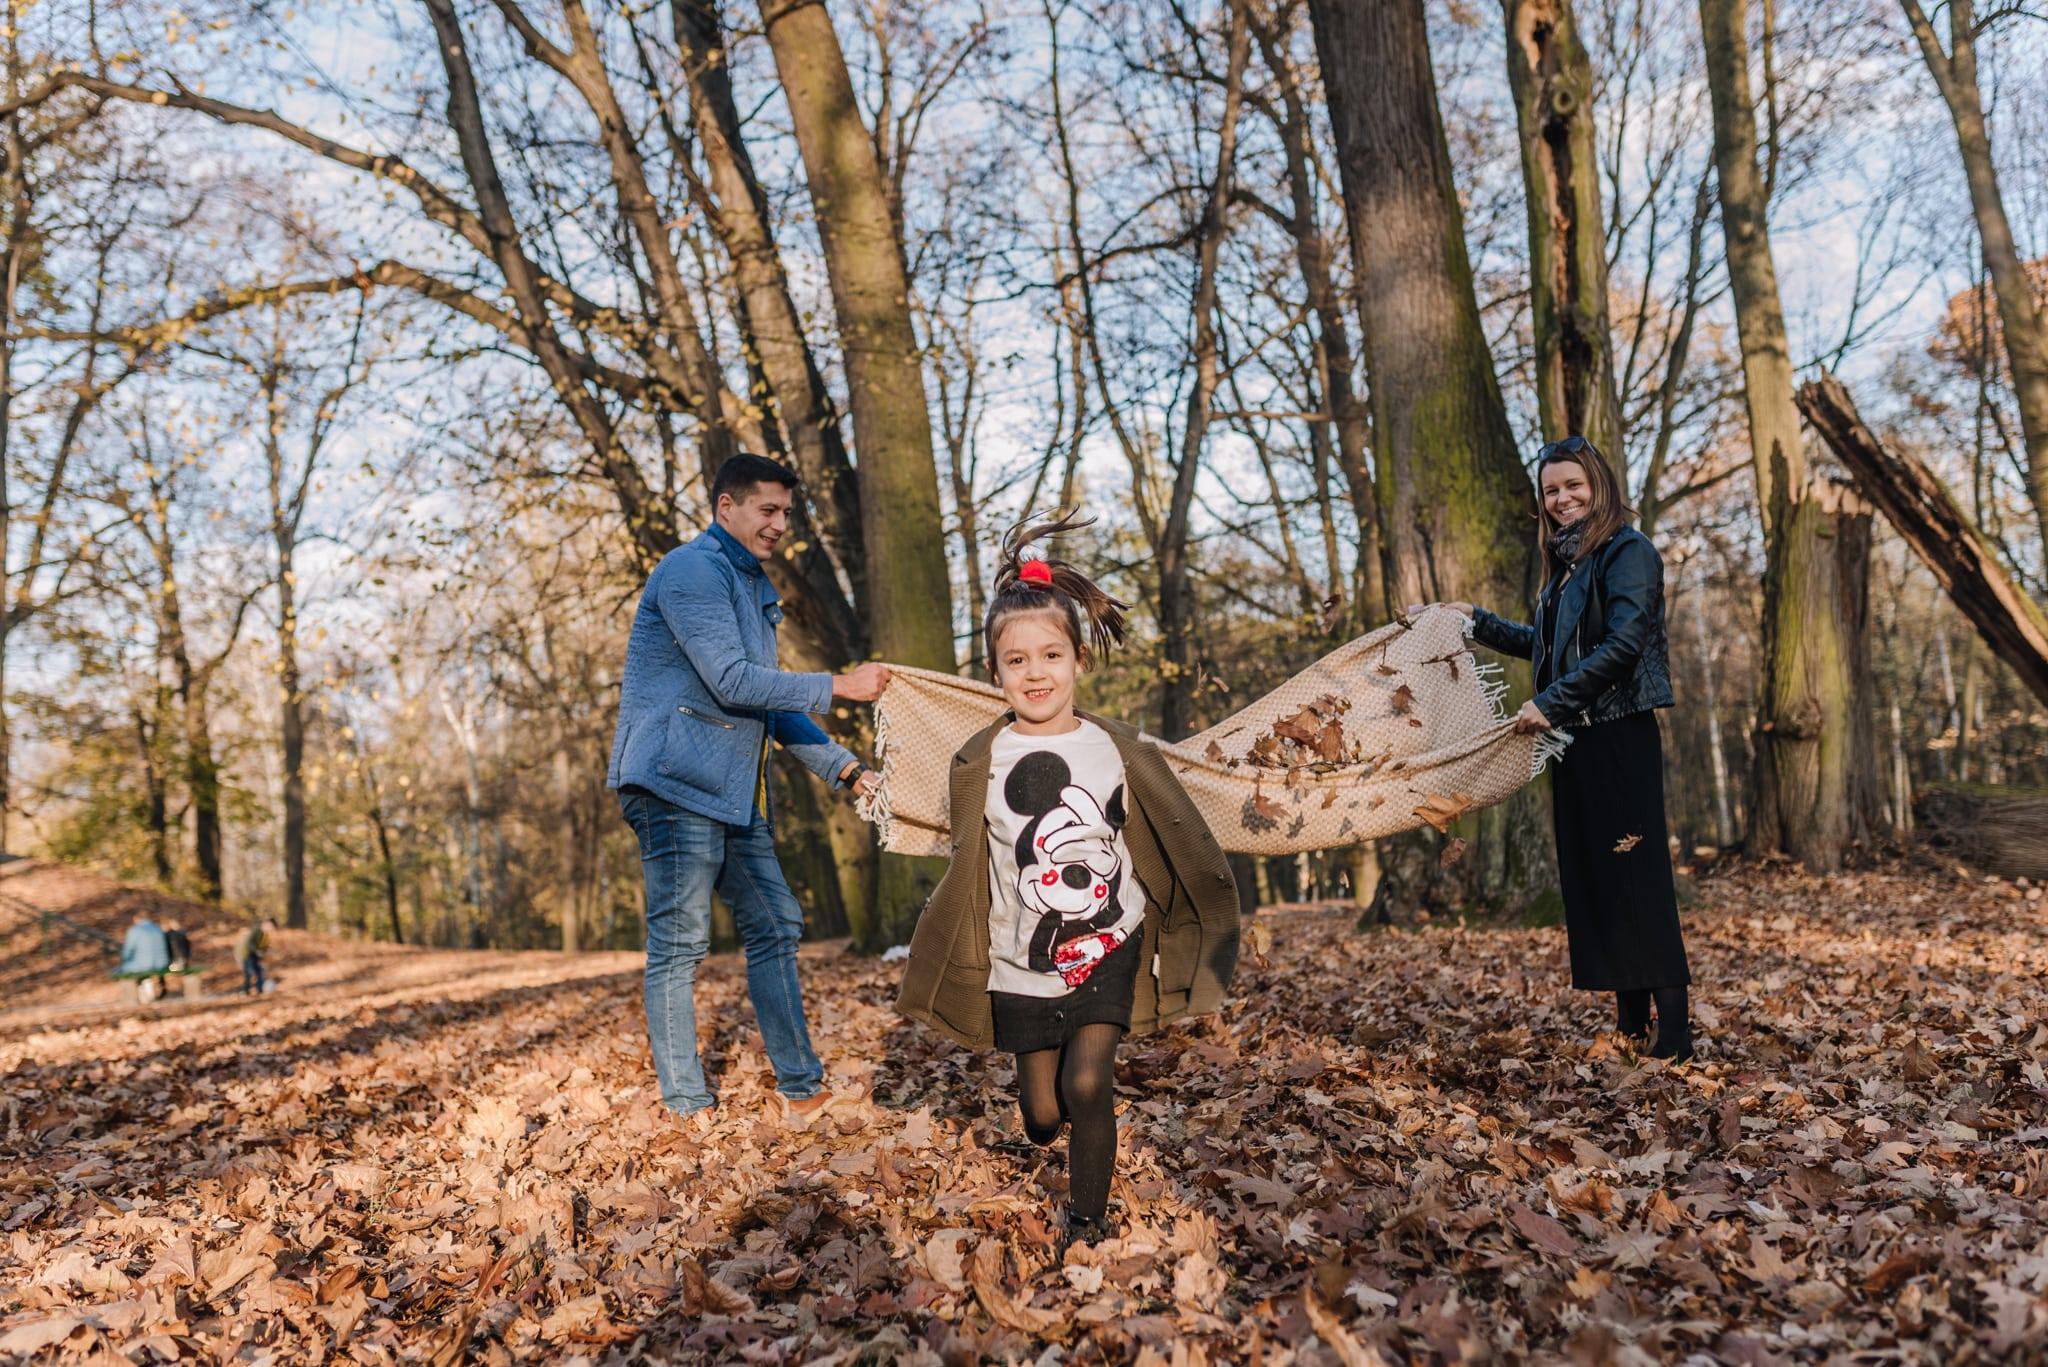 zabawy z dziećmi w parku jesienią